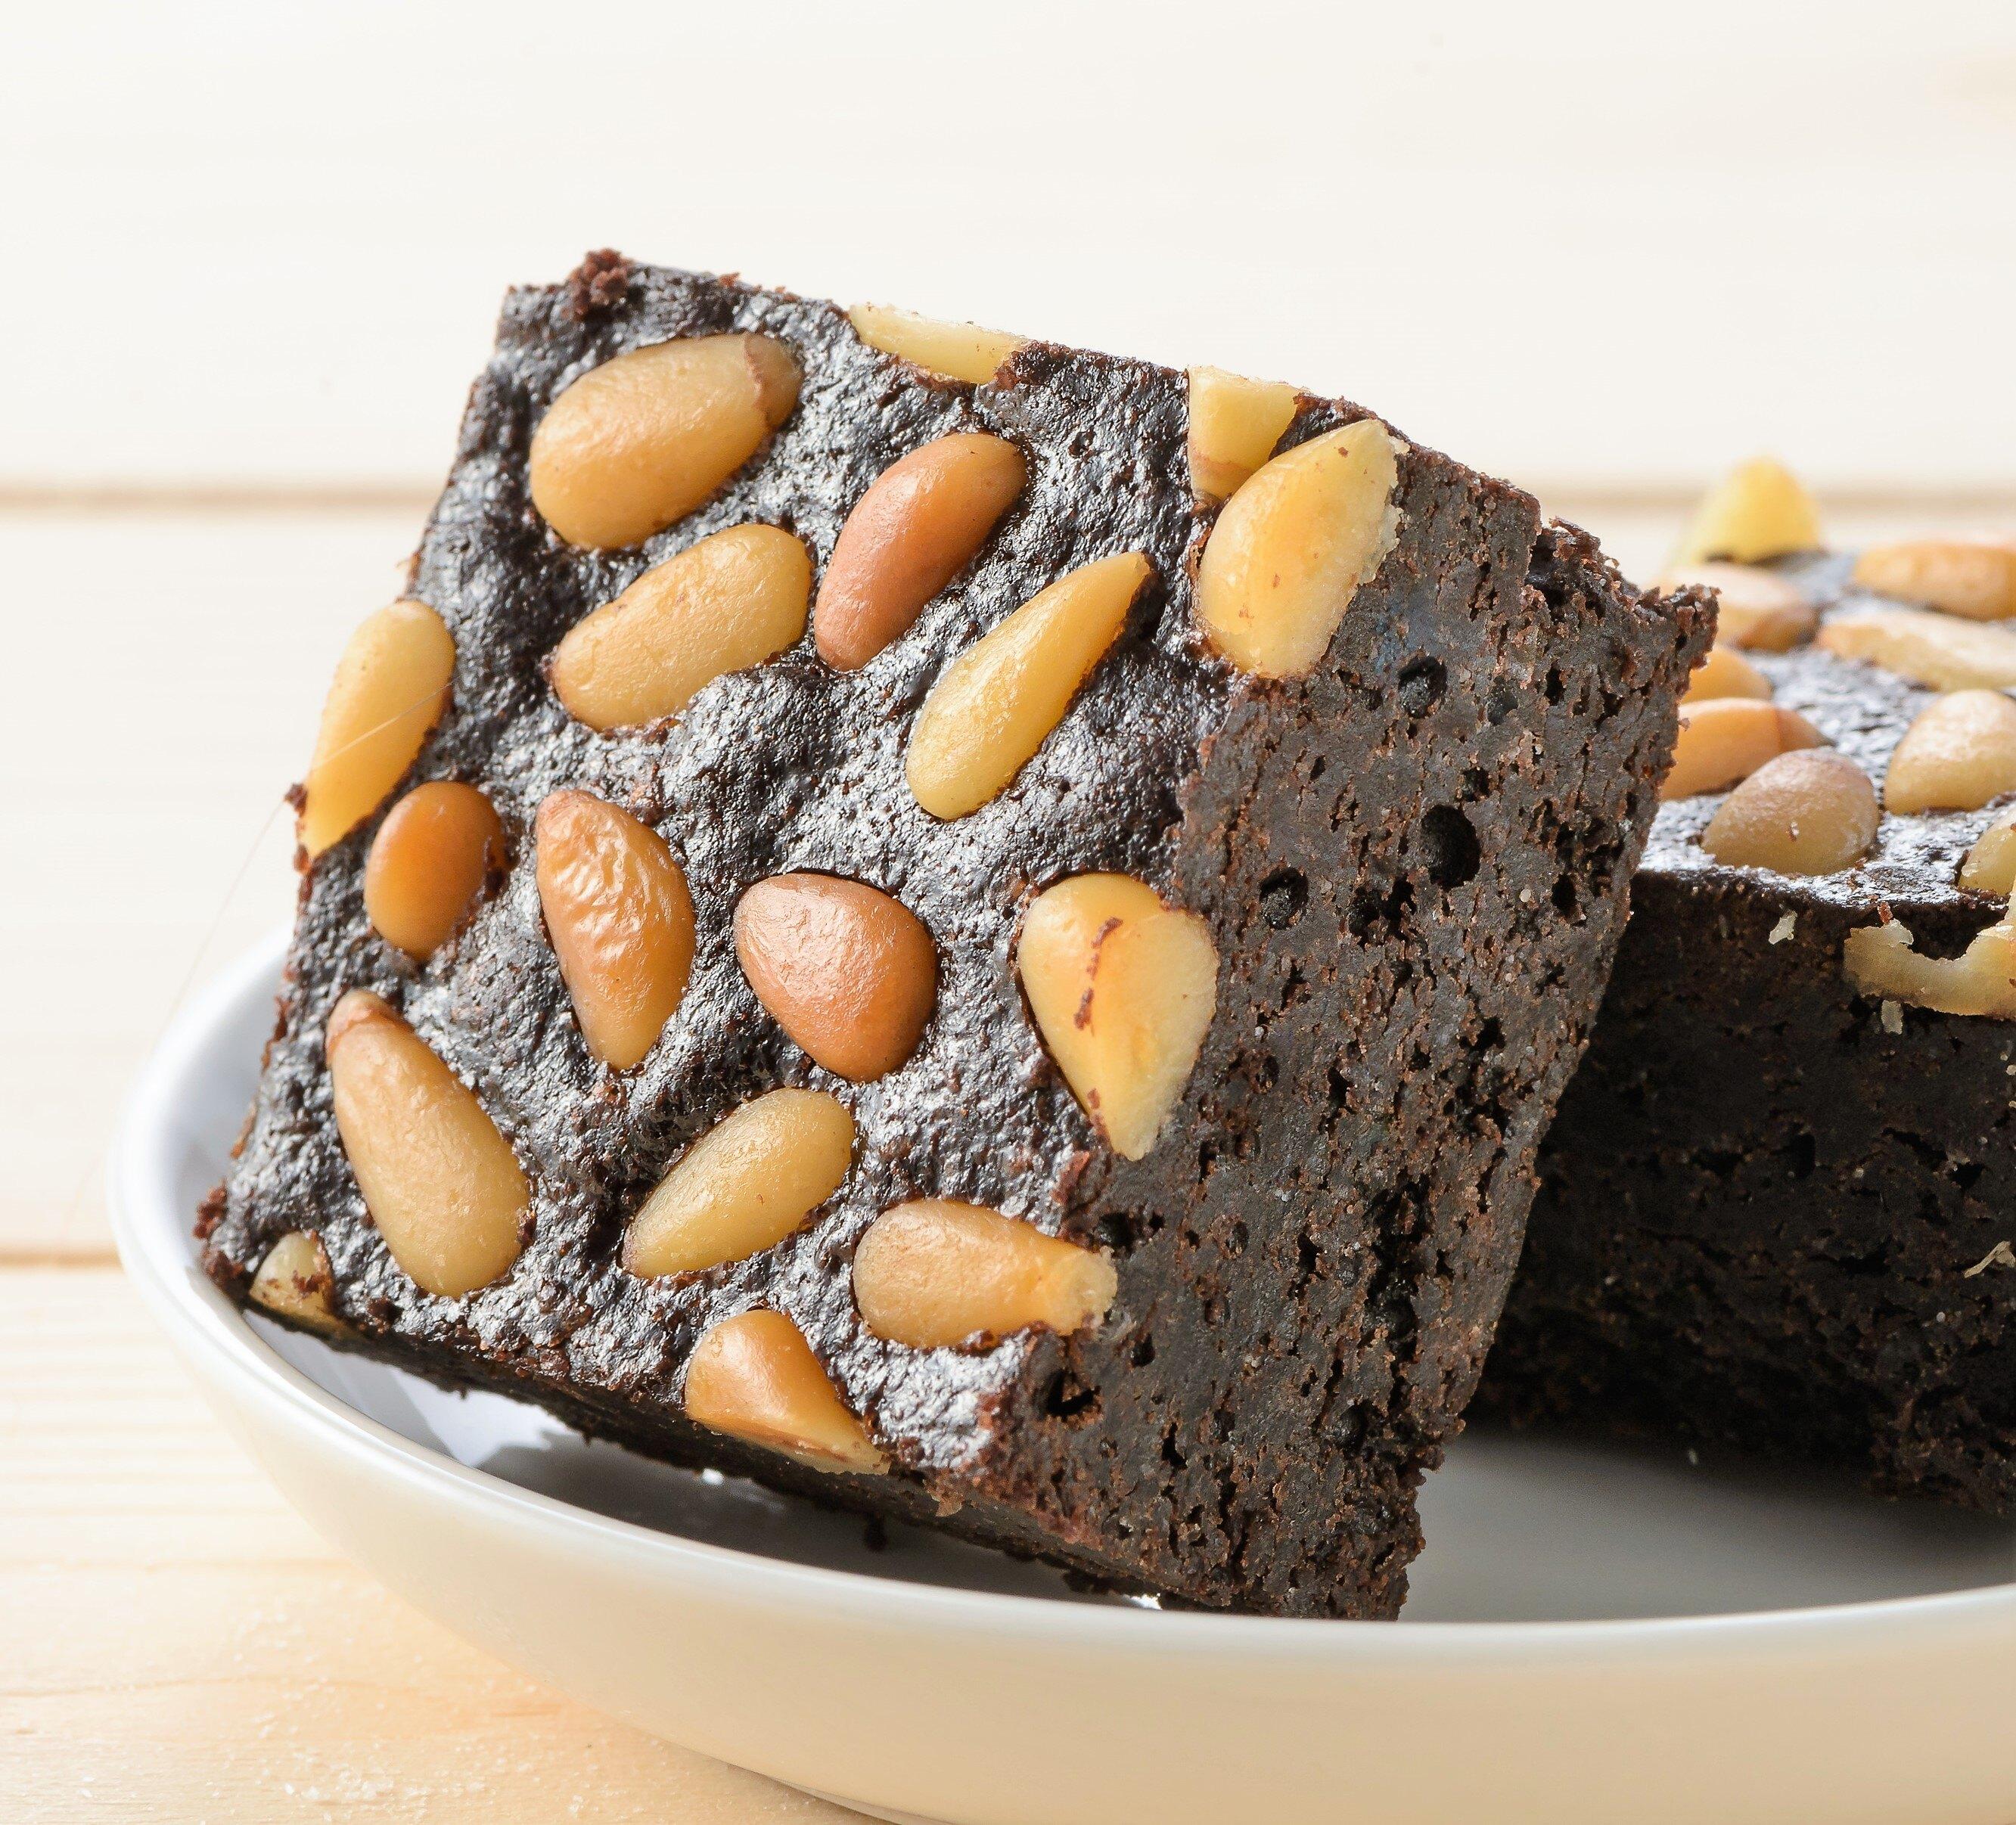 殿堂級 【老爺子的】手工 頂級松子巧克力布朗尼 Pine nut Brownies 4入/盒  幸福滿滿的 欲罷不能的幸福滋味 團購 甜點 下午茶 禮盒 蛋糕